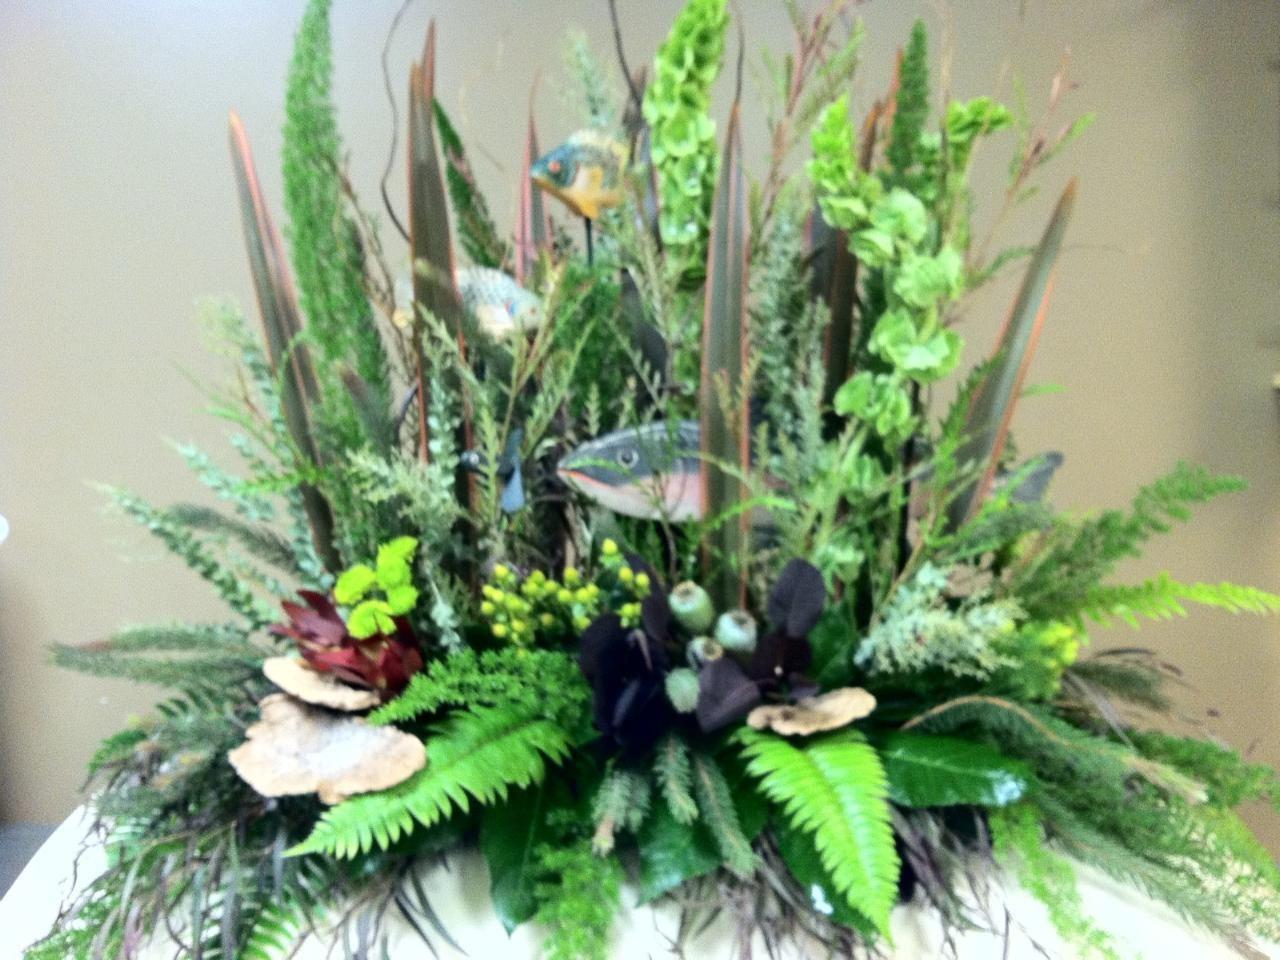 Unusual sympathy flowers brown floral making every arrangement unusual sympathy flowers brown floral making every arrangement something special izmirmasajfo Gallery